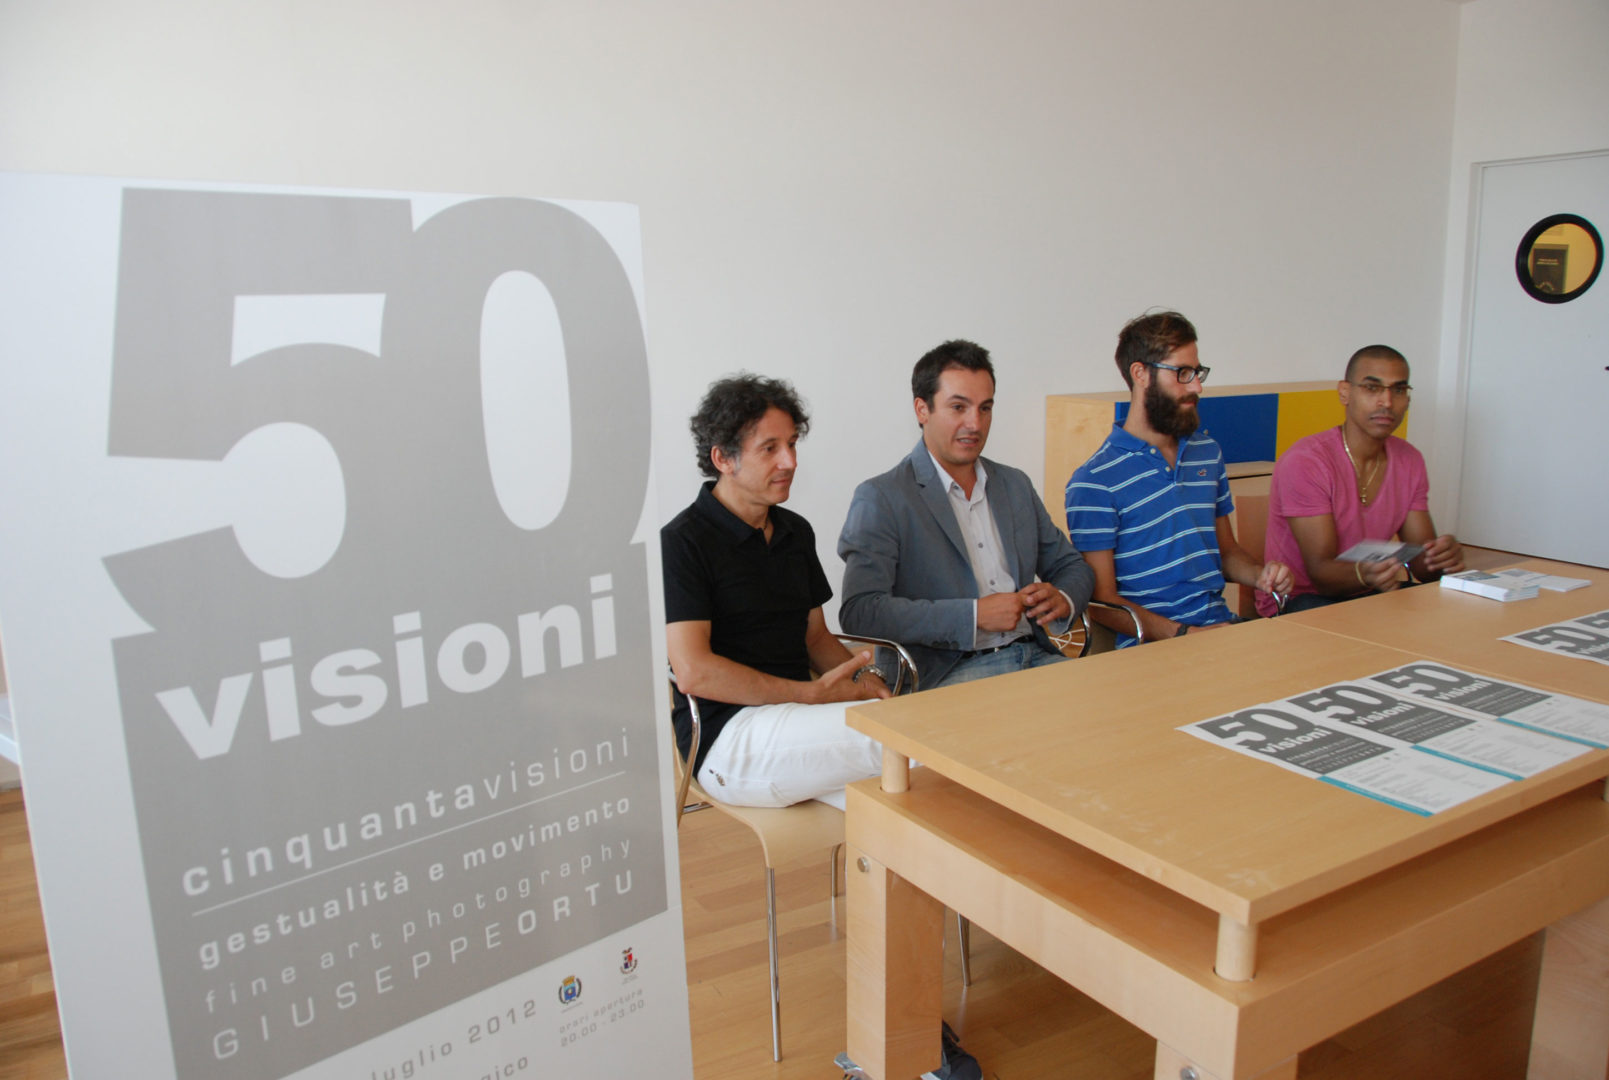 Foto mostra 50 Visioni Olbia Giuseppe Ortu